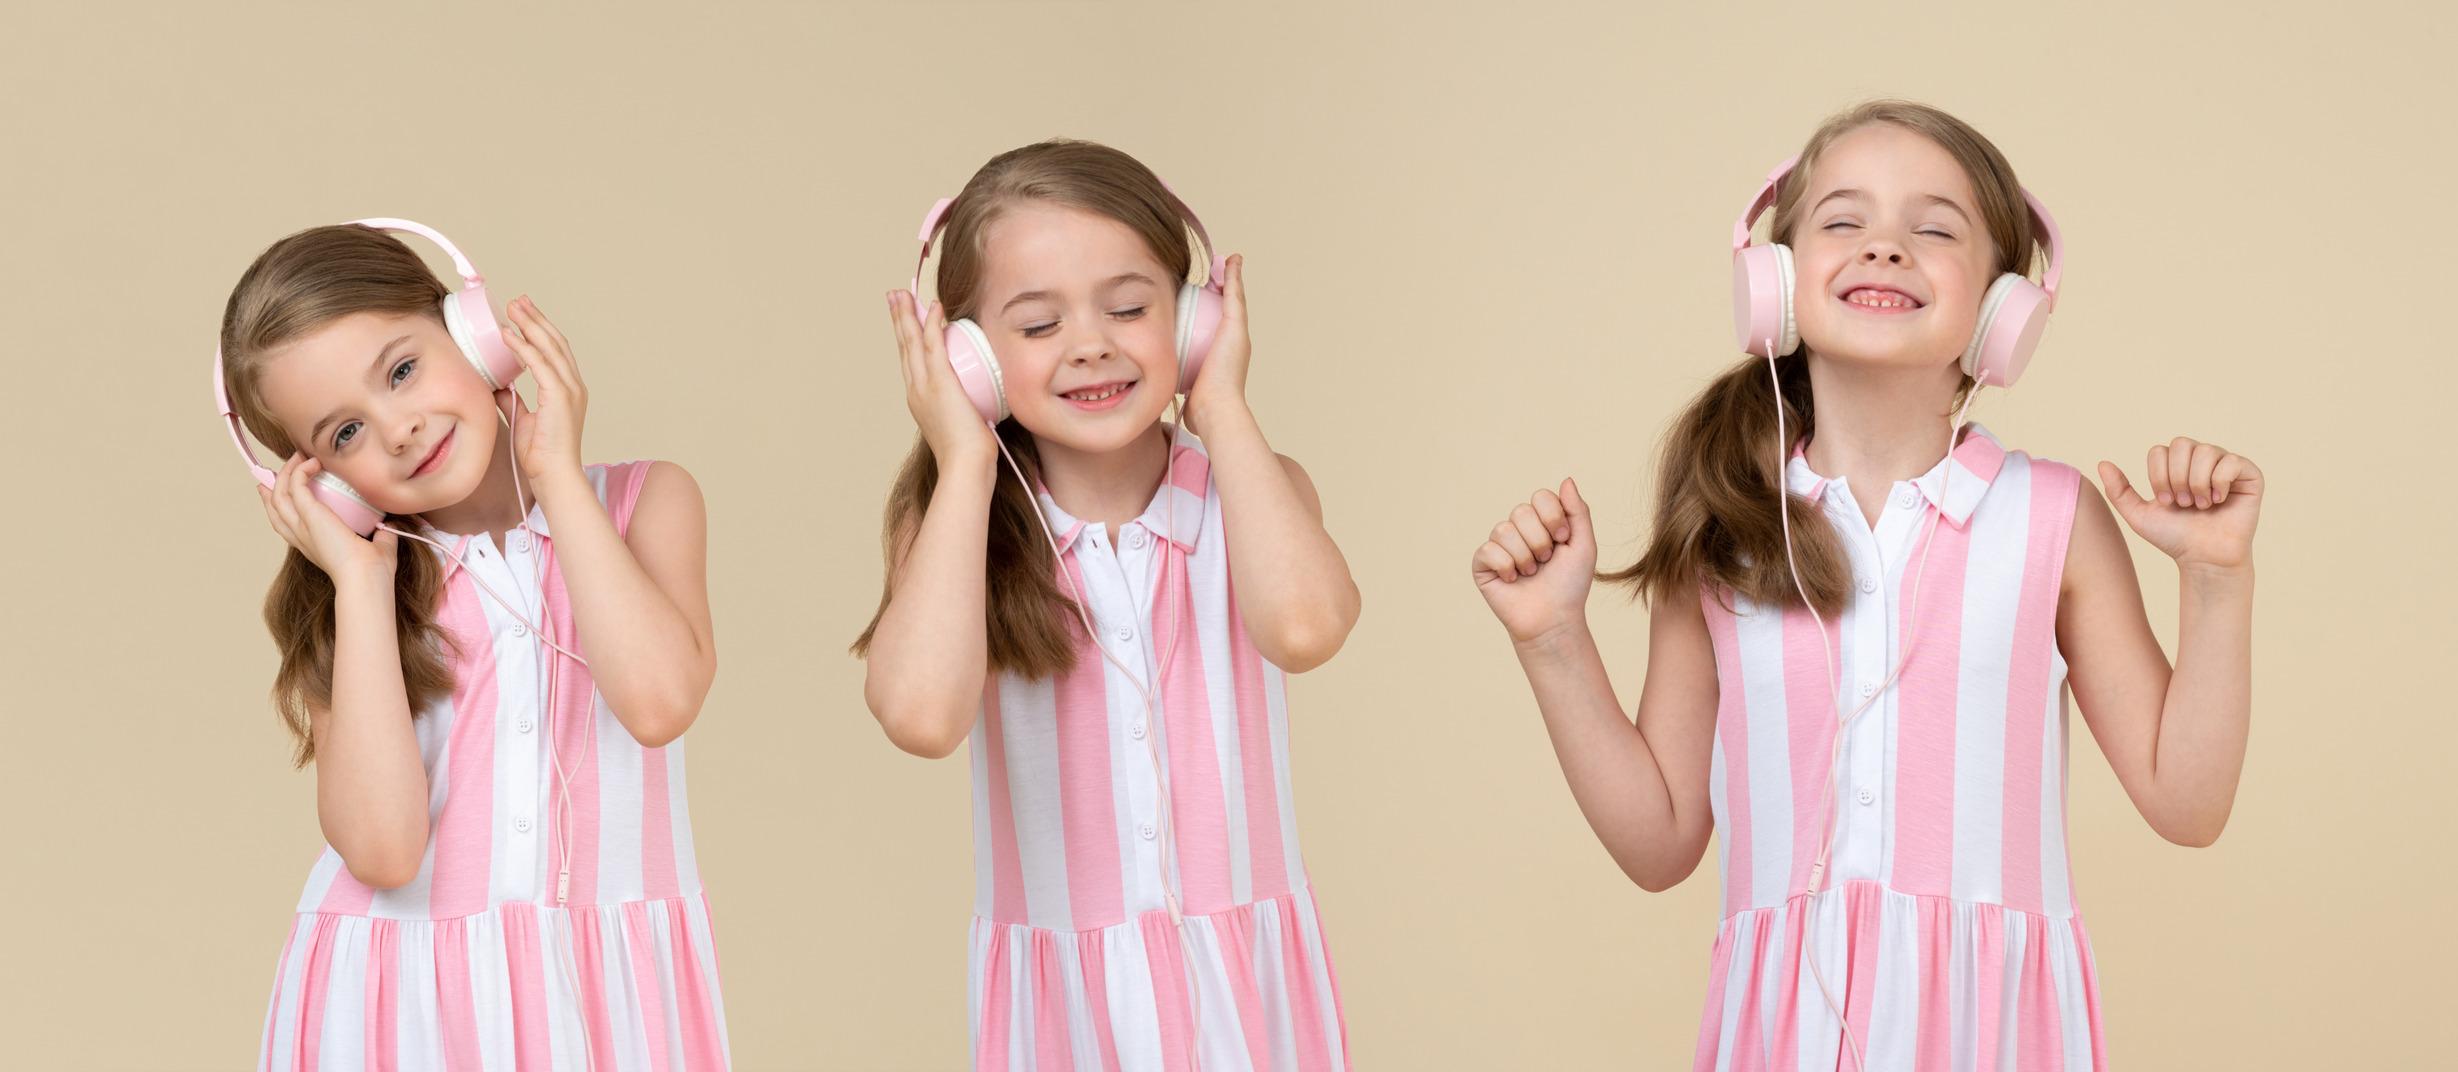 Dieses kind mag die musik sehr